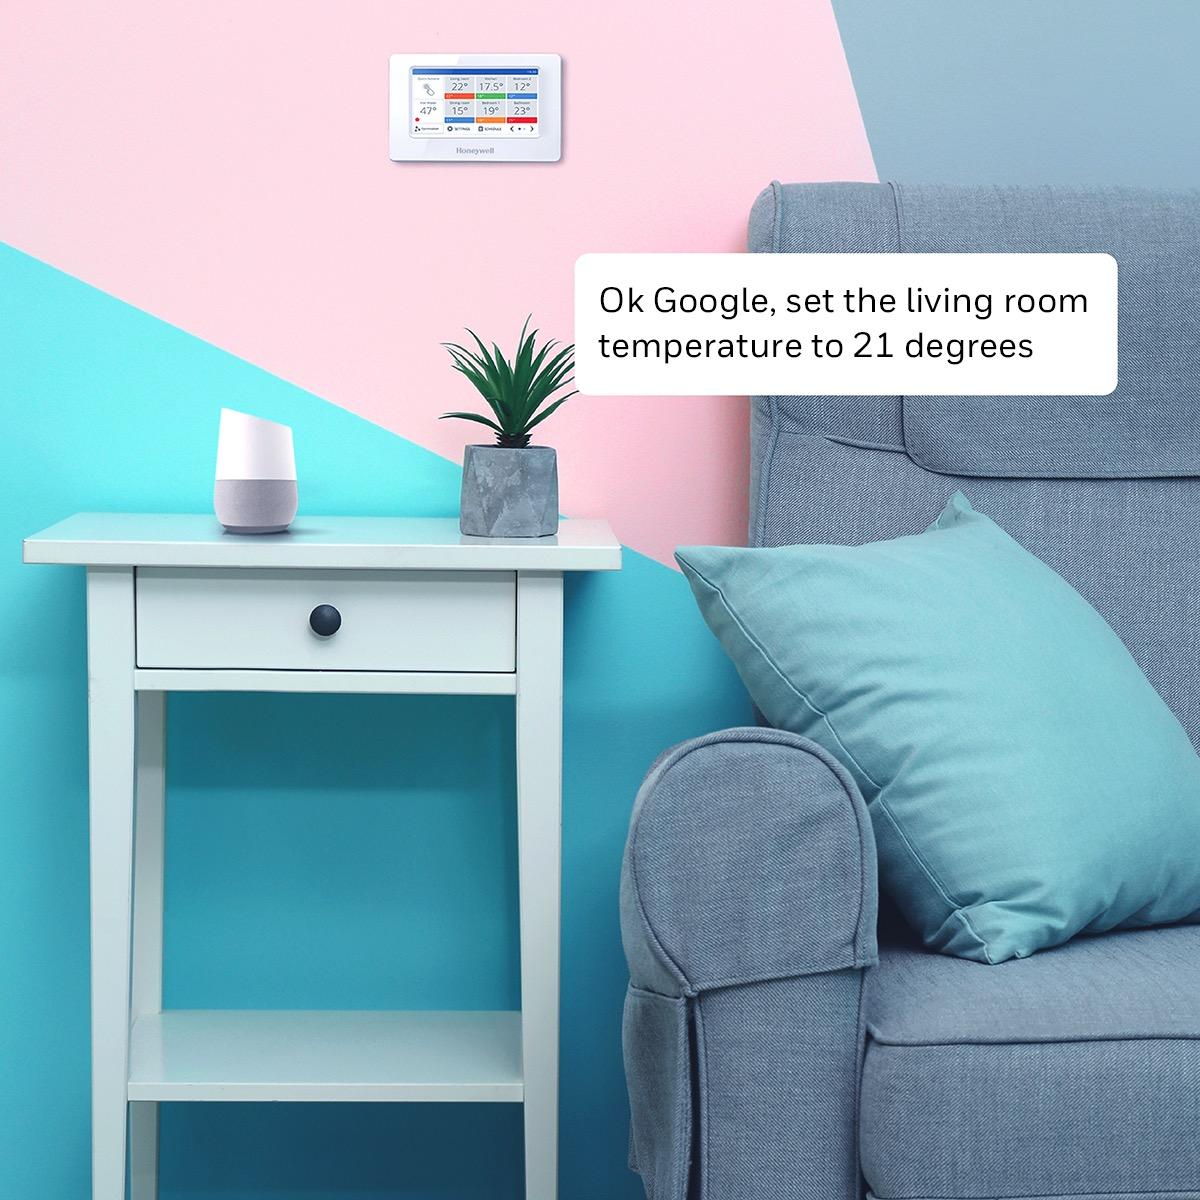 evohome e google home